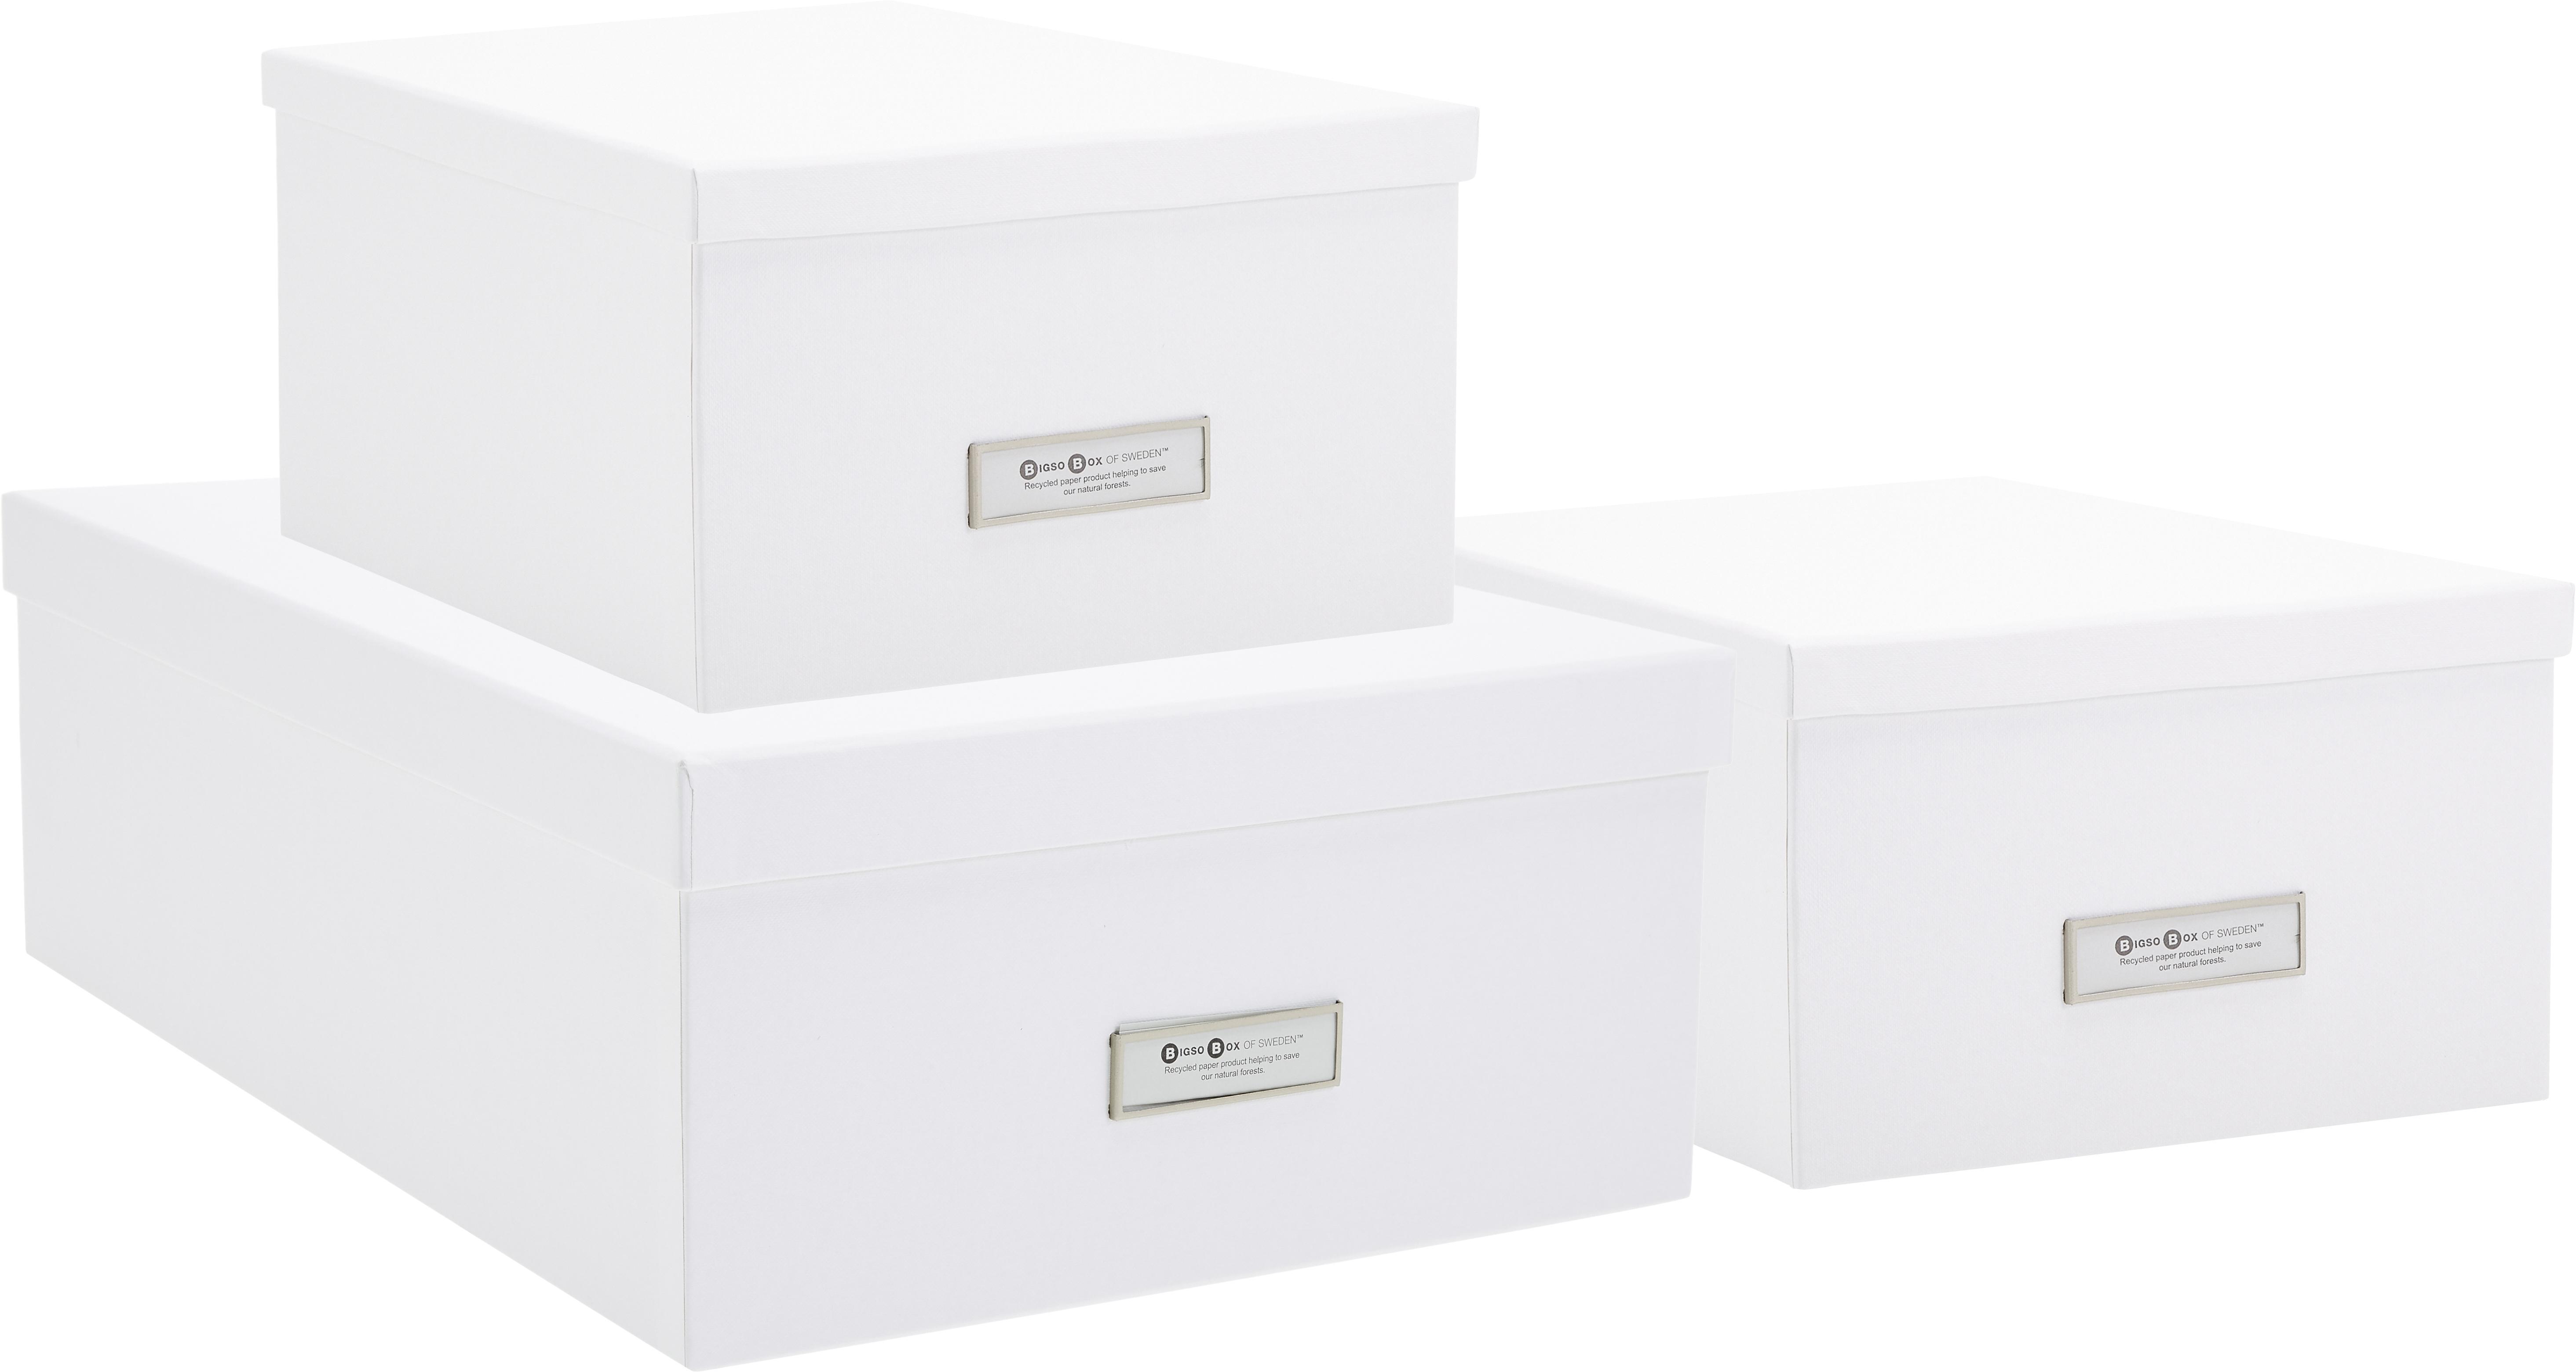 Set 3 scatole Inge, Scatola: solido, cartone laminato, Scatola esterno: bianco Scatola interno: bianco, Diverse dimensioni